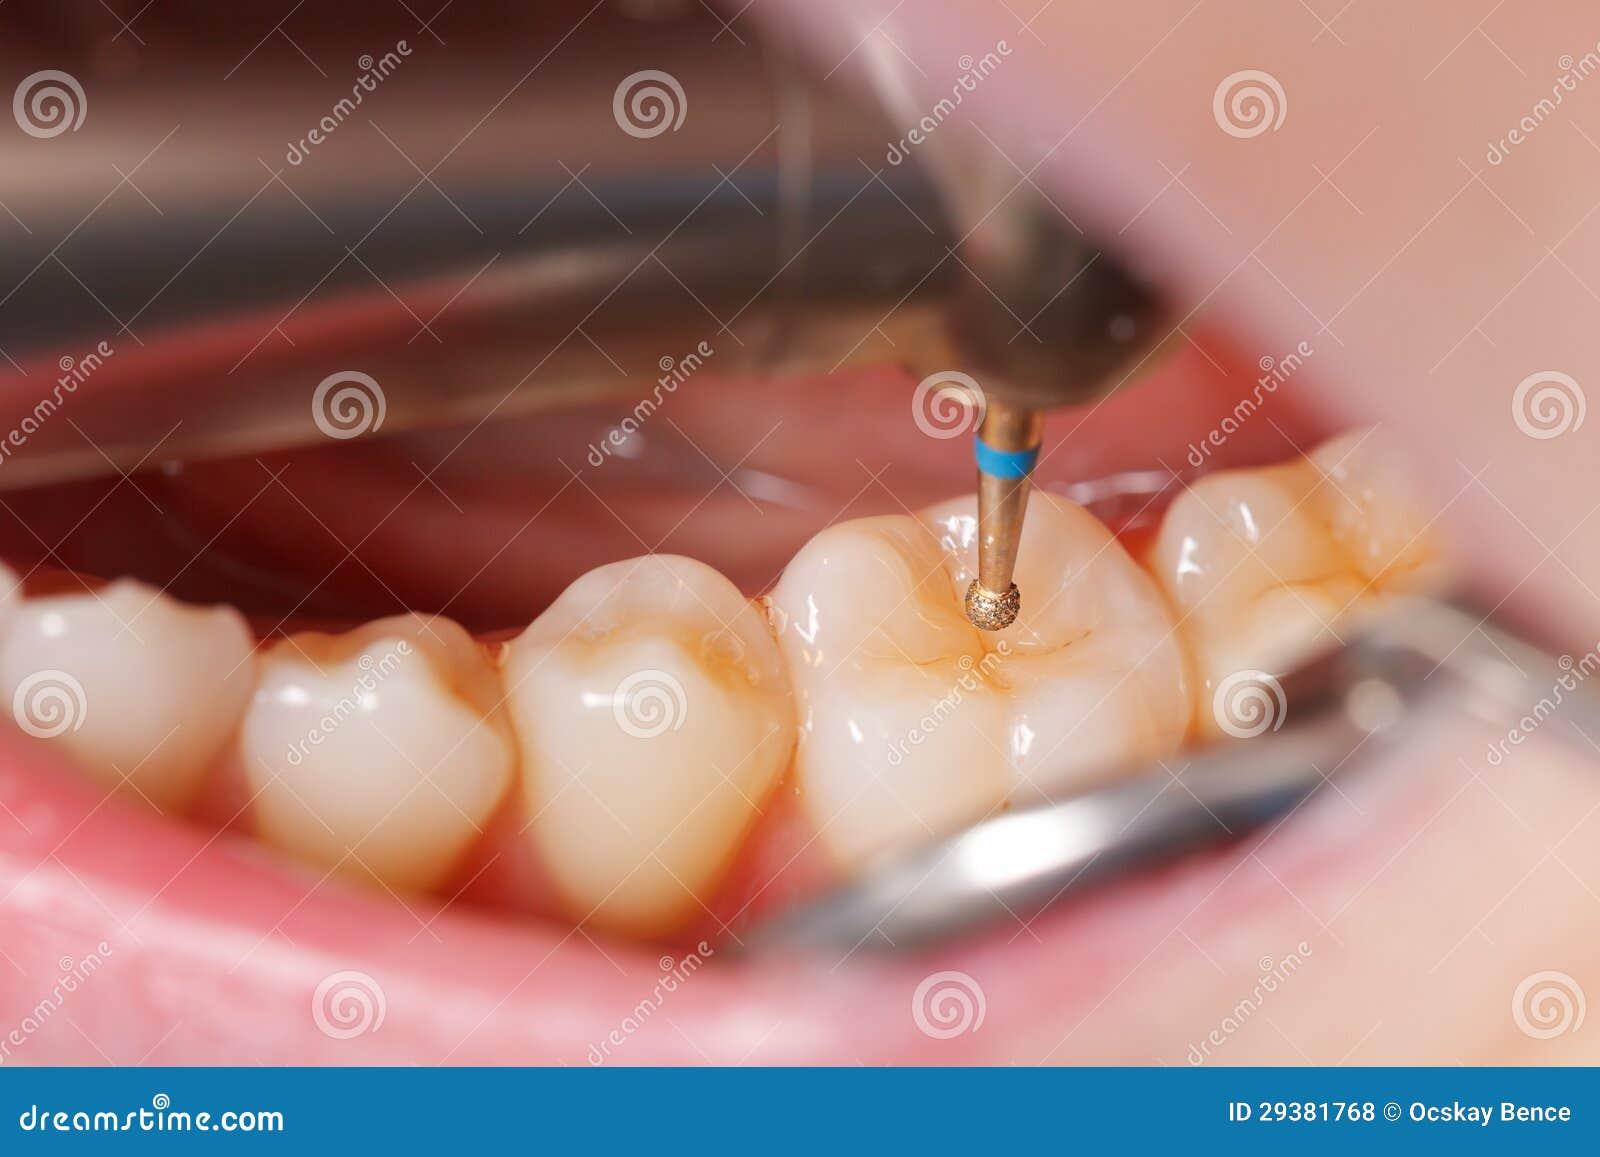 Dental Drill Tooth Dental Drilling Royalt...